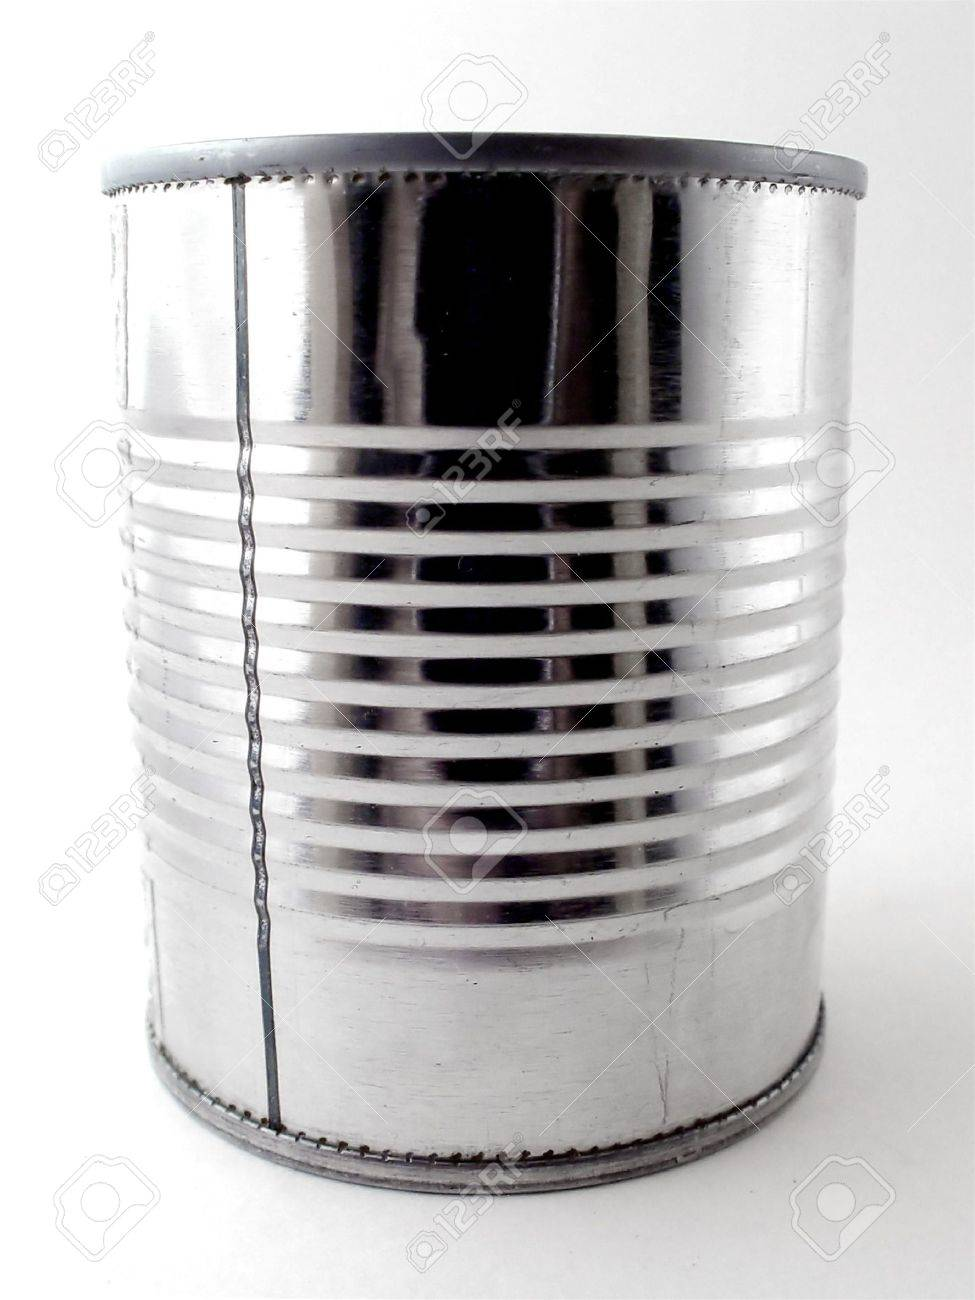 Closeup of Tin Can - 336431